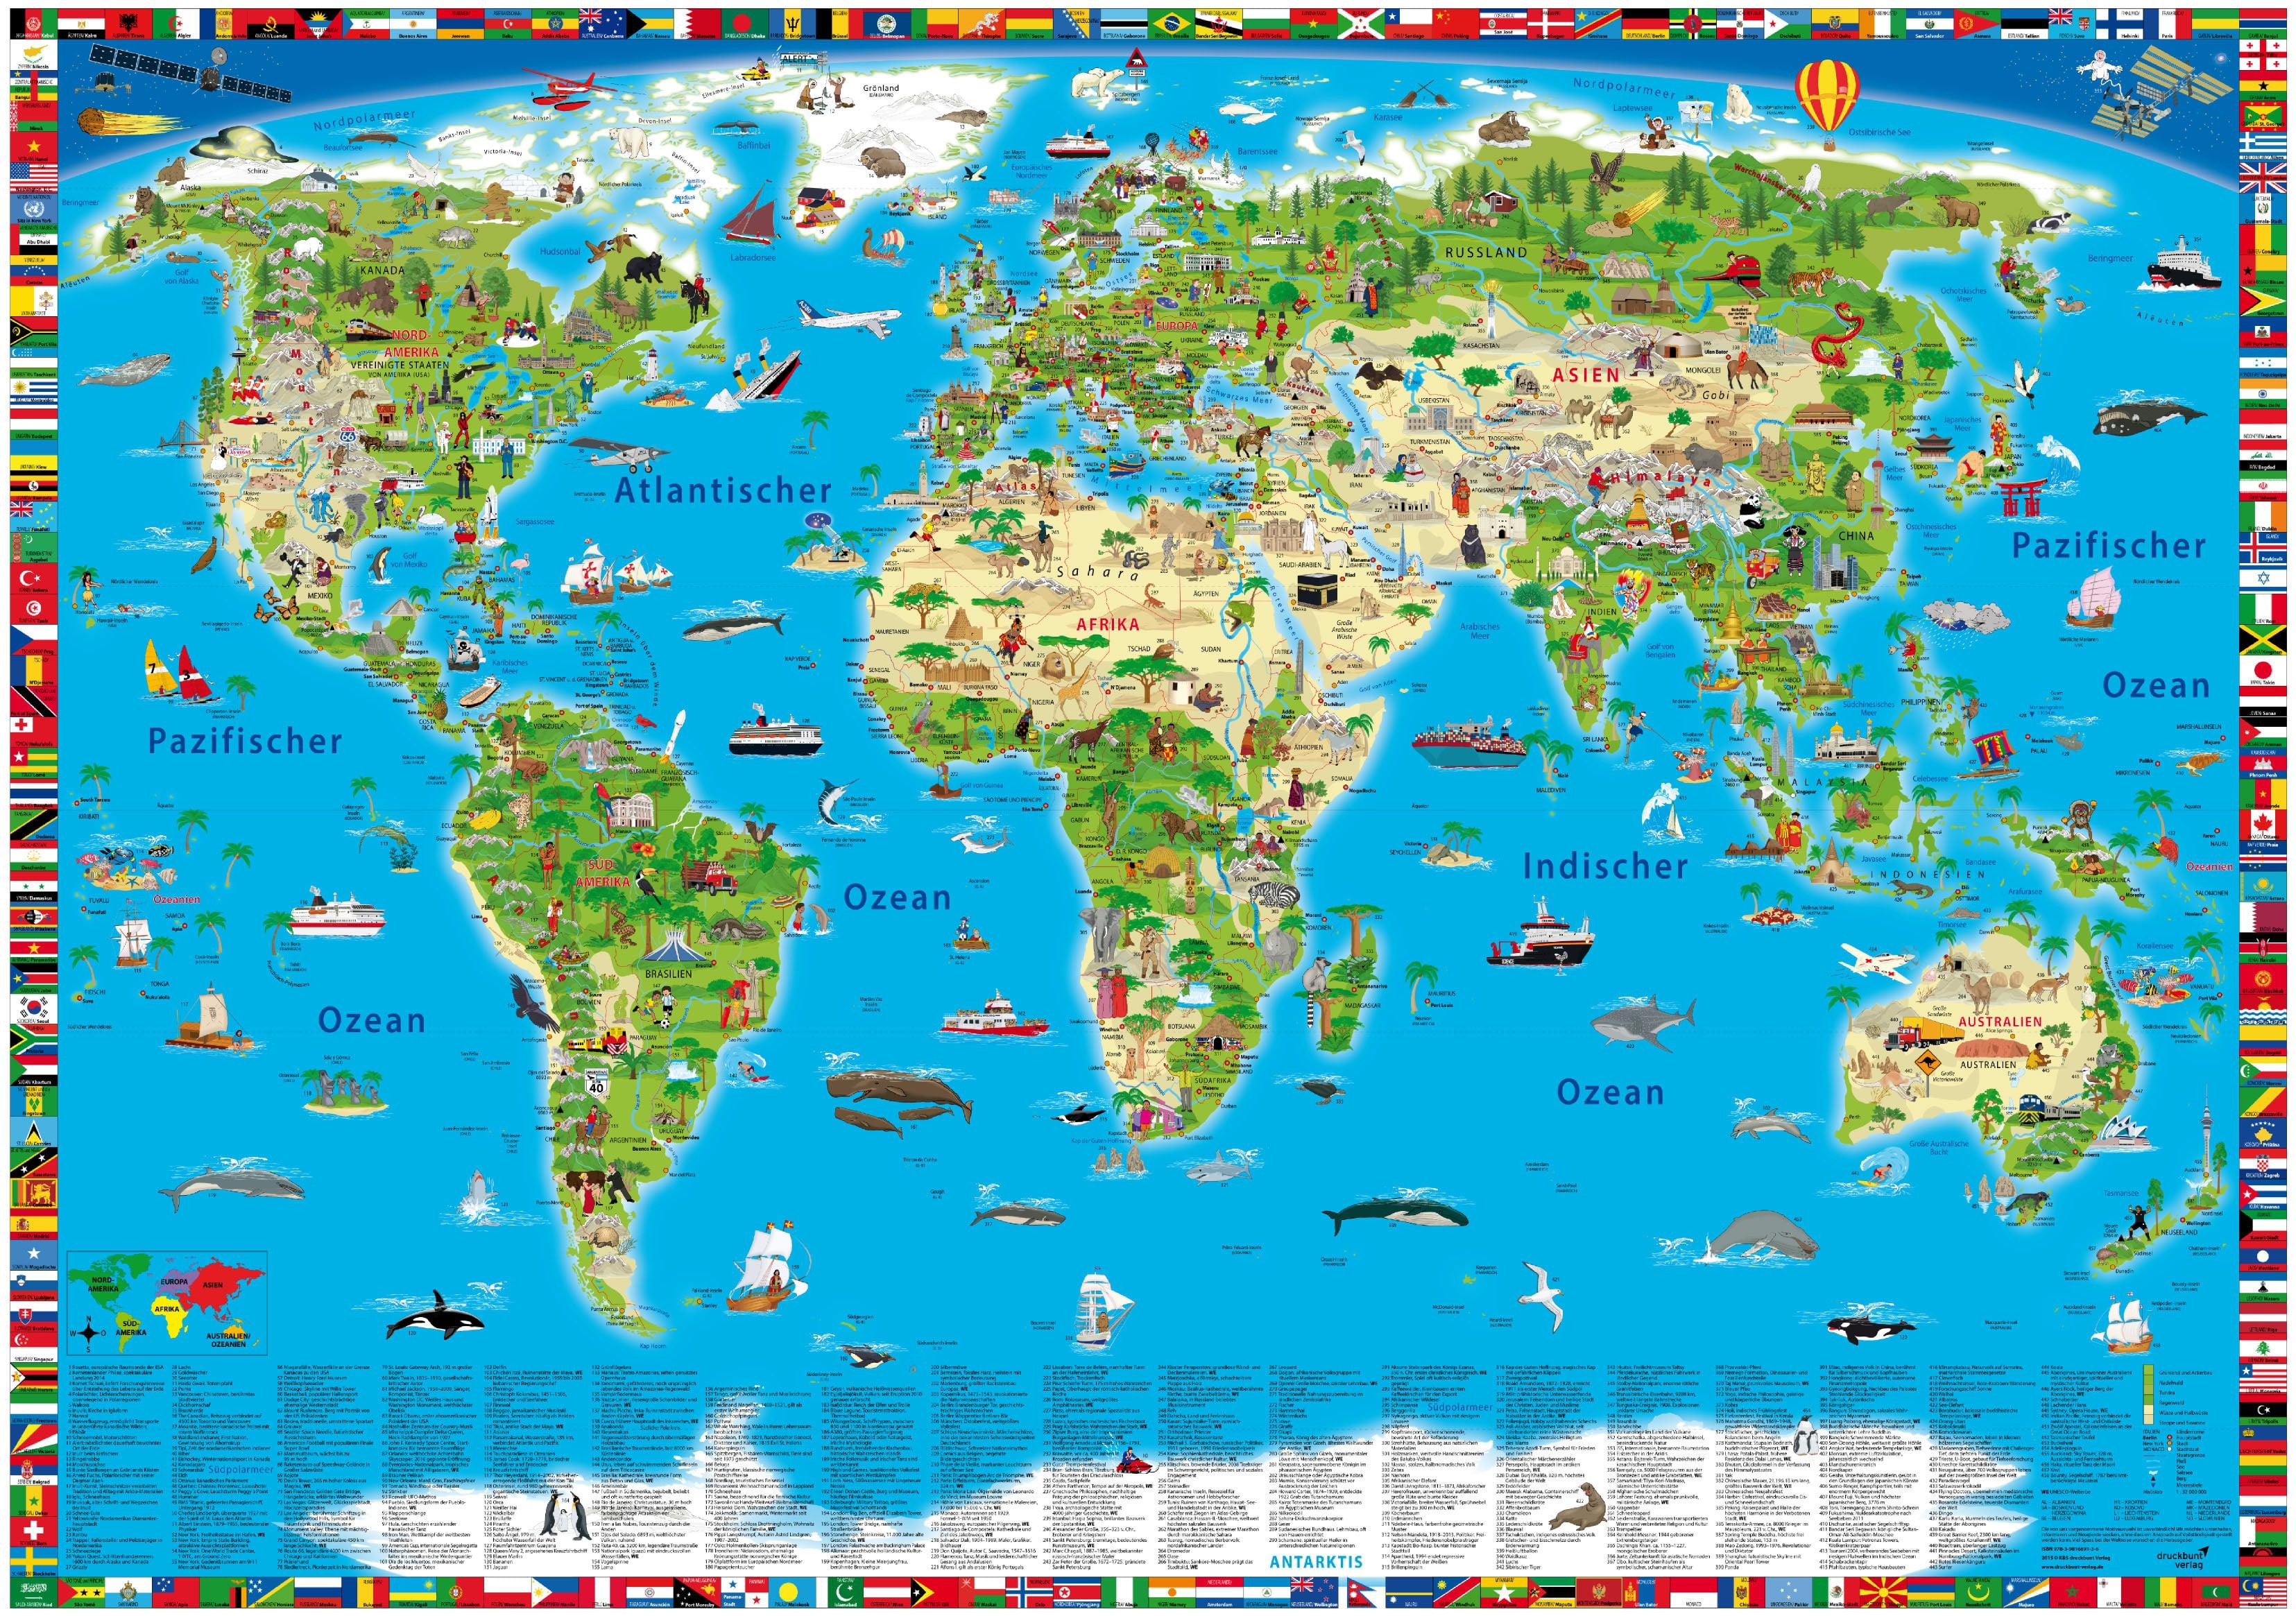 weltkarte poster kinder Illustrierte Kinderweltkarte als Poster 138 x 98cm   Karten für  weltkarte poster kinder